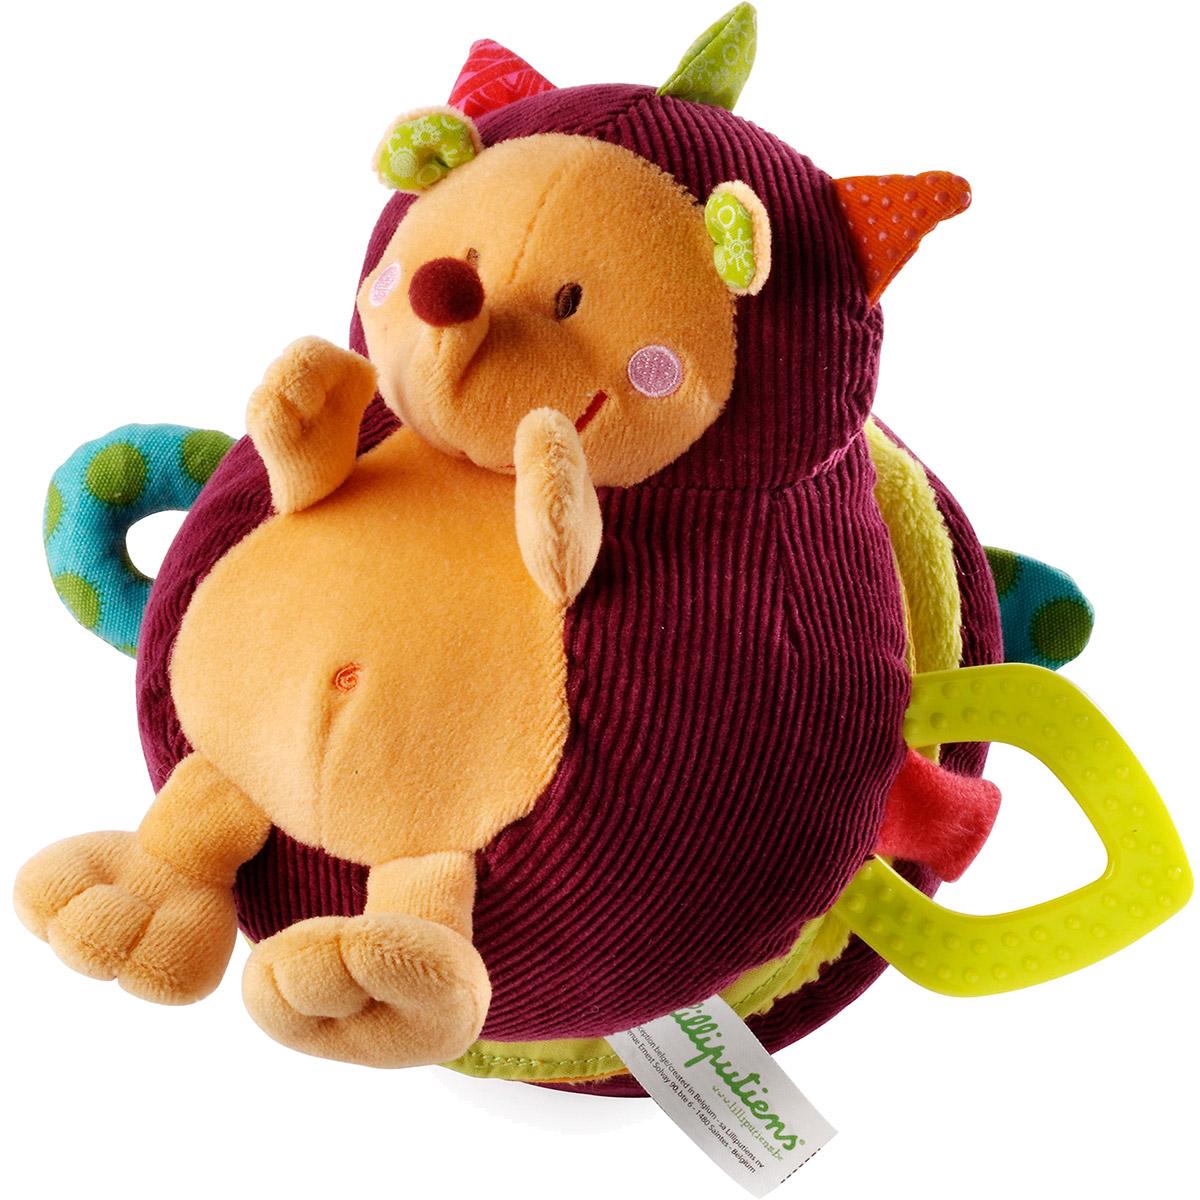 Lilliputiens Развивающая игрушка Ежик Симон 8624586245Развивающая игрушка Lilliputiens Ежик Симон таит в себе целый фантастический мир! Ваш ребенок с удовольствием окунется в этот волшебный мир, с интересом будет открывать мягкую книжку в виде ежика, знакомиться с разнообразными животными. Малыш узнает мудрую сову, трудолюбивого крота и гусеницу Джульетту. Вибрирующий крот прячется в норе, гусеница прячется в шуршащем яблоке, а зеркальце по волшебству превратилось в целое озеро! Игрушка выполнена с использованием различных текстур, поэтому малышам так приятно ее трогать и обнимать, при этом развиваются тактильные ощущения. Зеркальце, шуршалка, вибрирующий элемент, погремушка, прорезыватель, липучка, бубенчик - все это составляющие ежика. Игрушка поможет развить в вашем малыше слух, зрение и осязание.